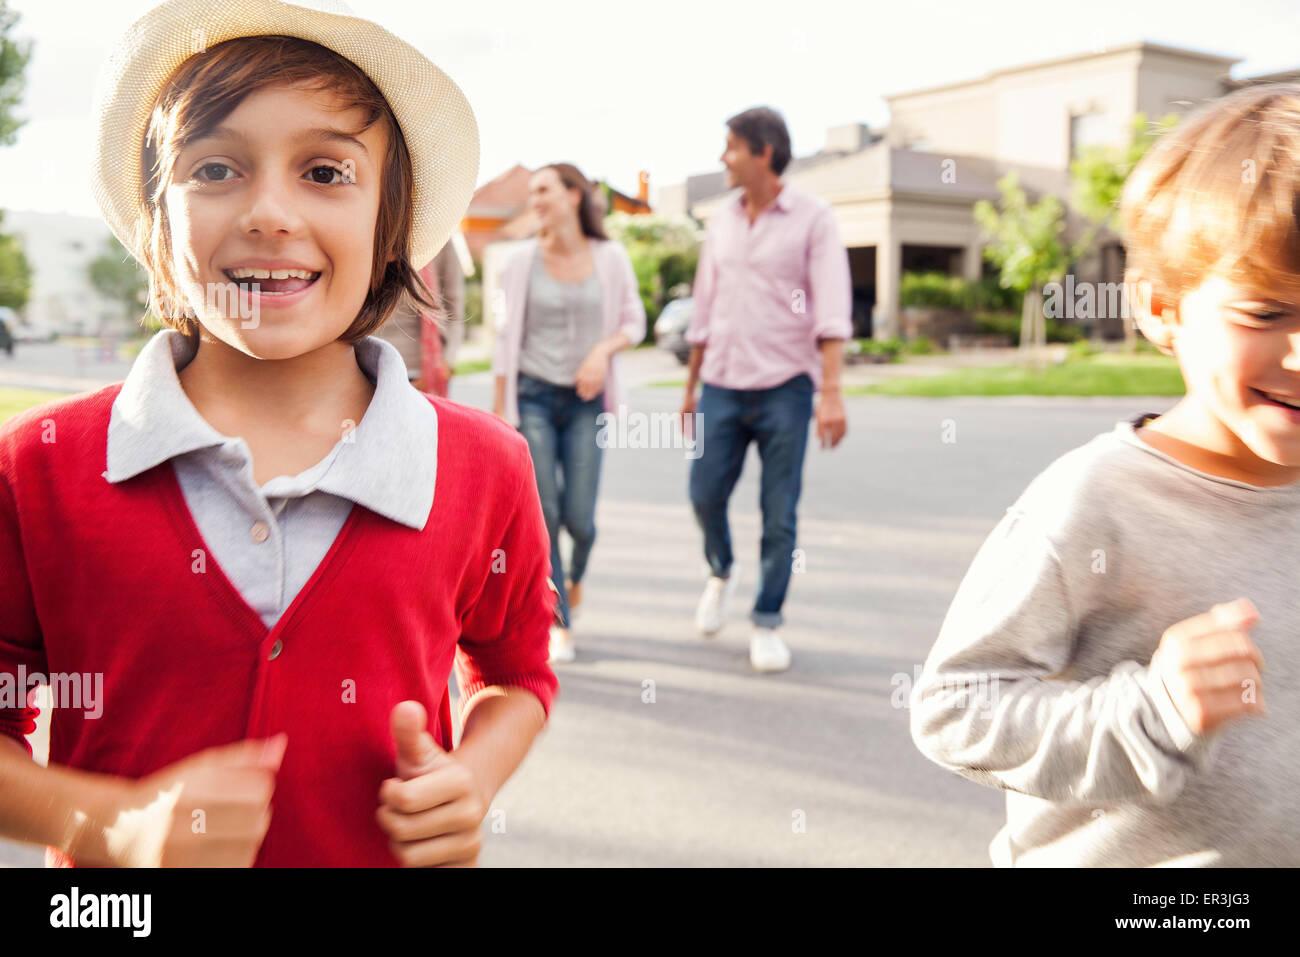 Los niños corriendo por la calle, la familia caminando detrás de ellos Imagen De Stock